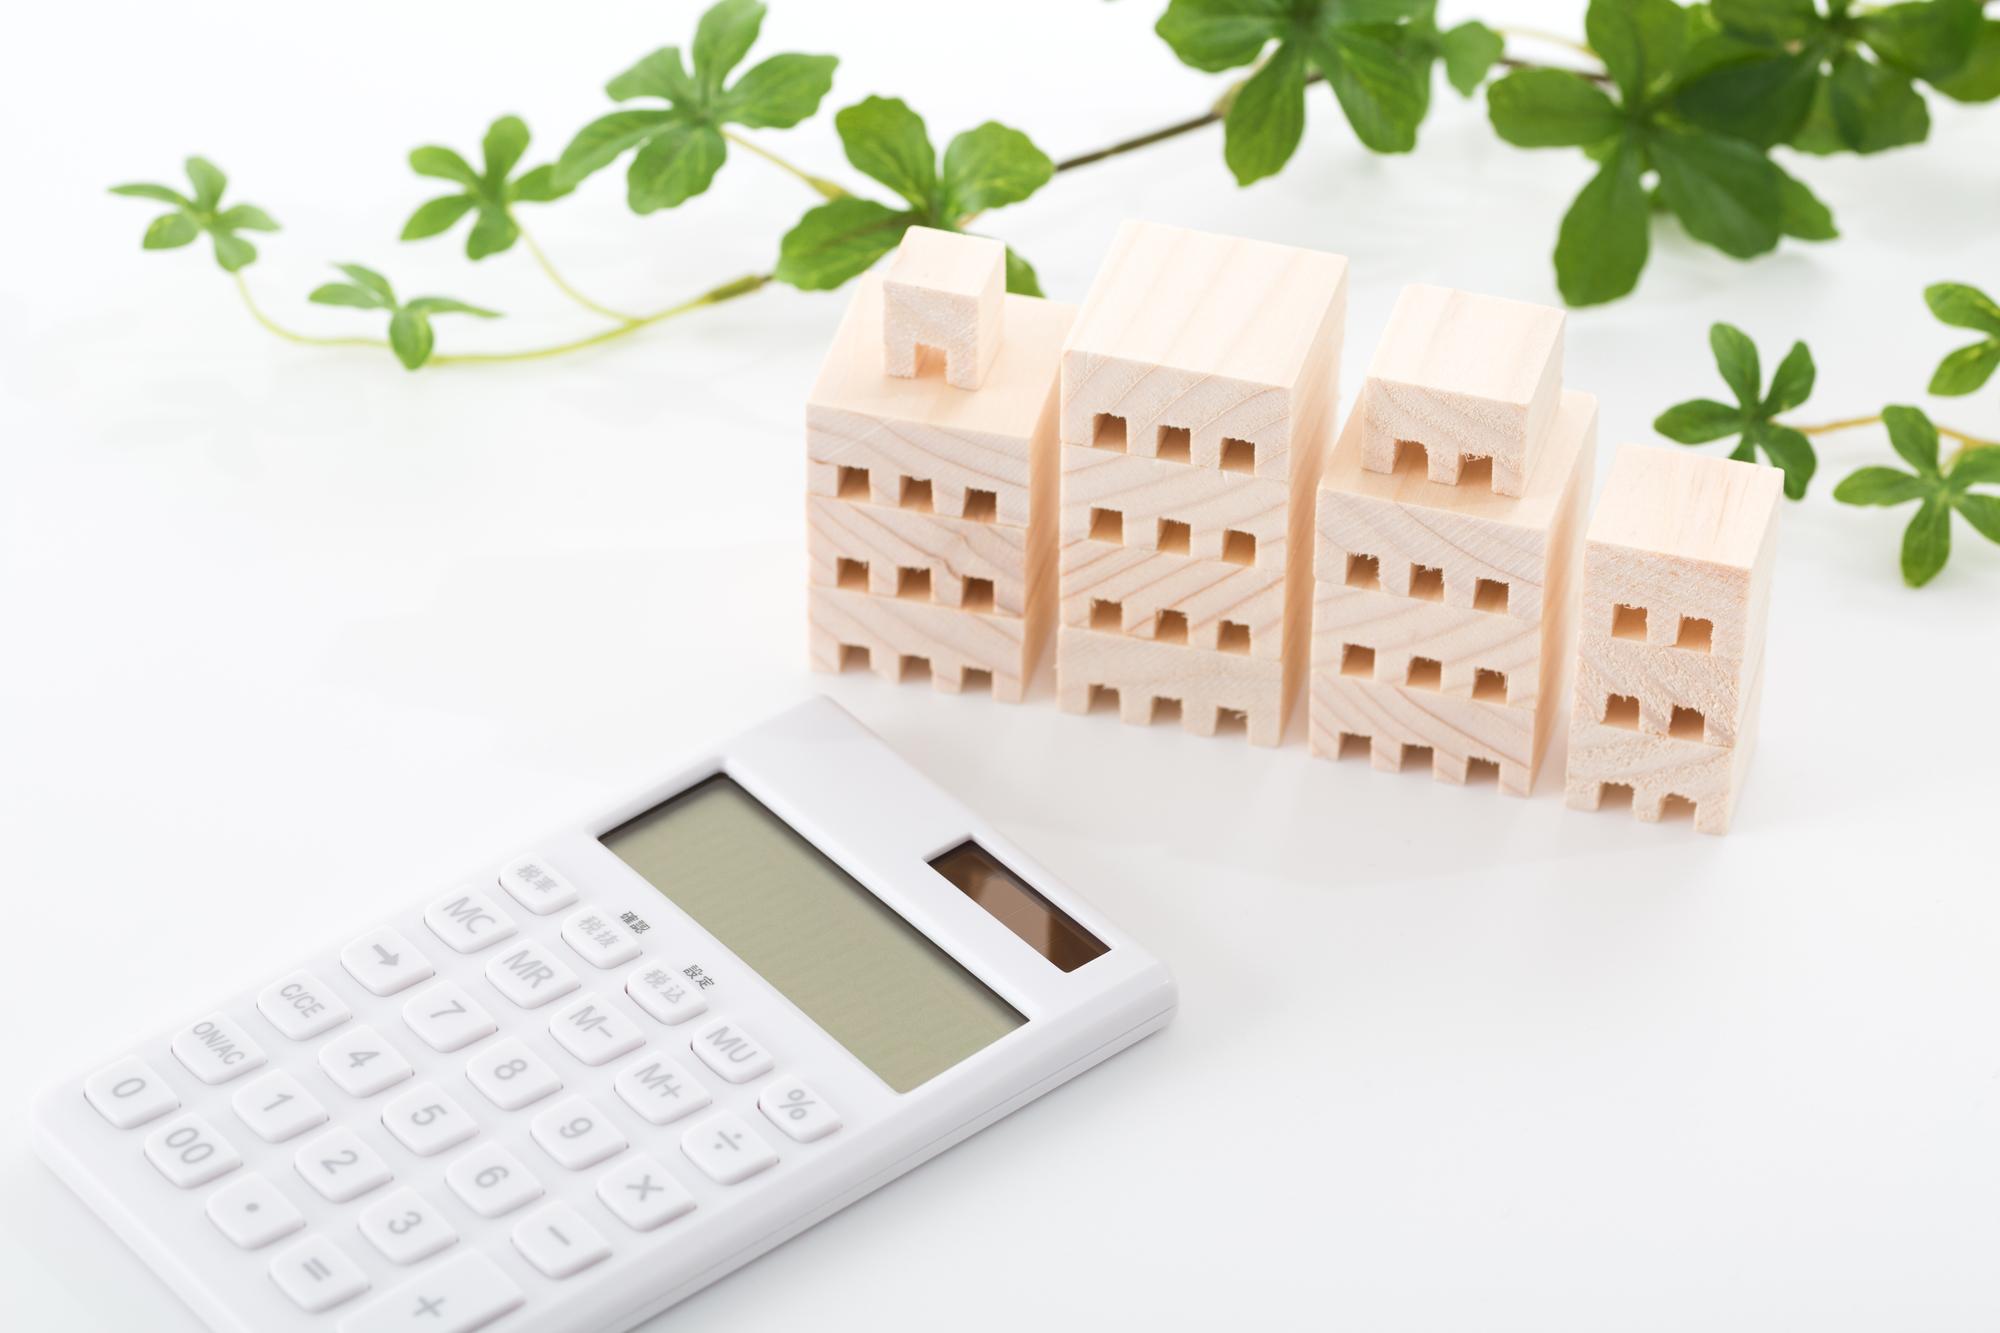 ビルの模型と電卓